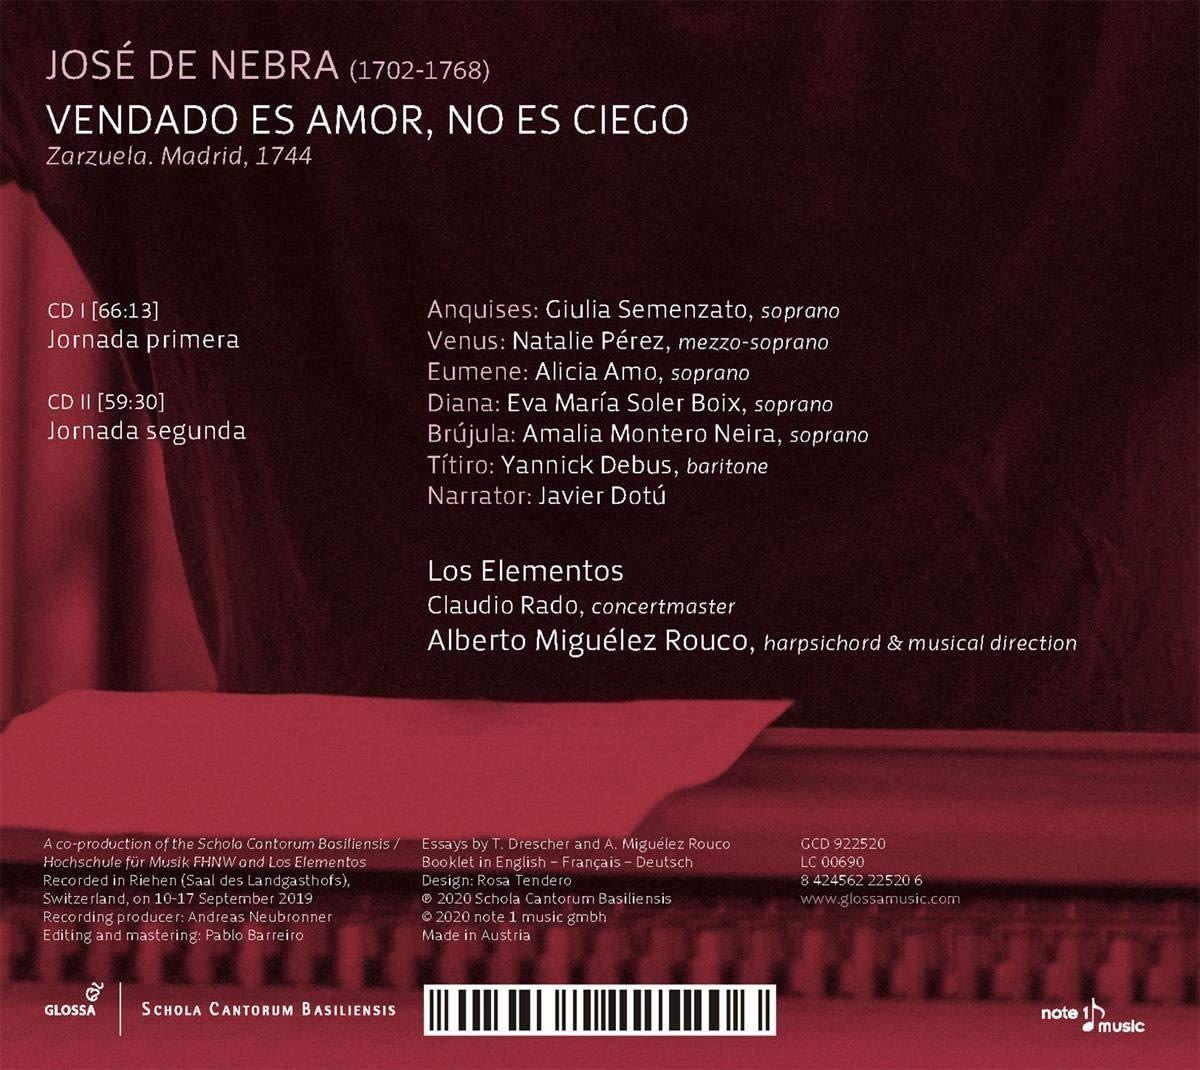 Photo No.2 of Jose de Nebra: Vendado Es Amor, No Es Ciego